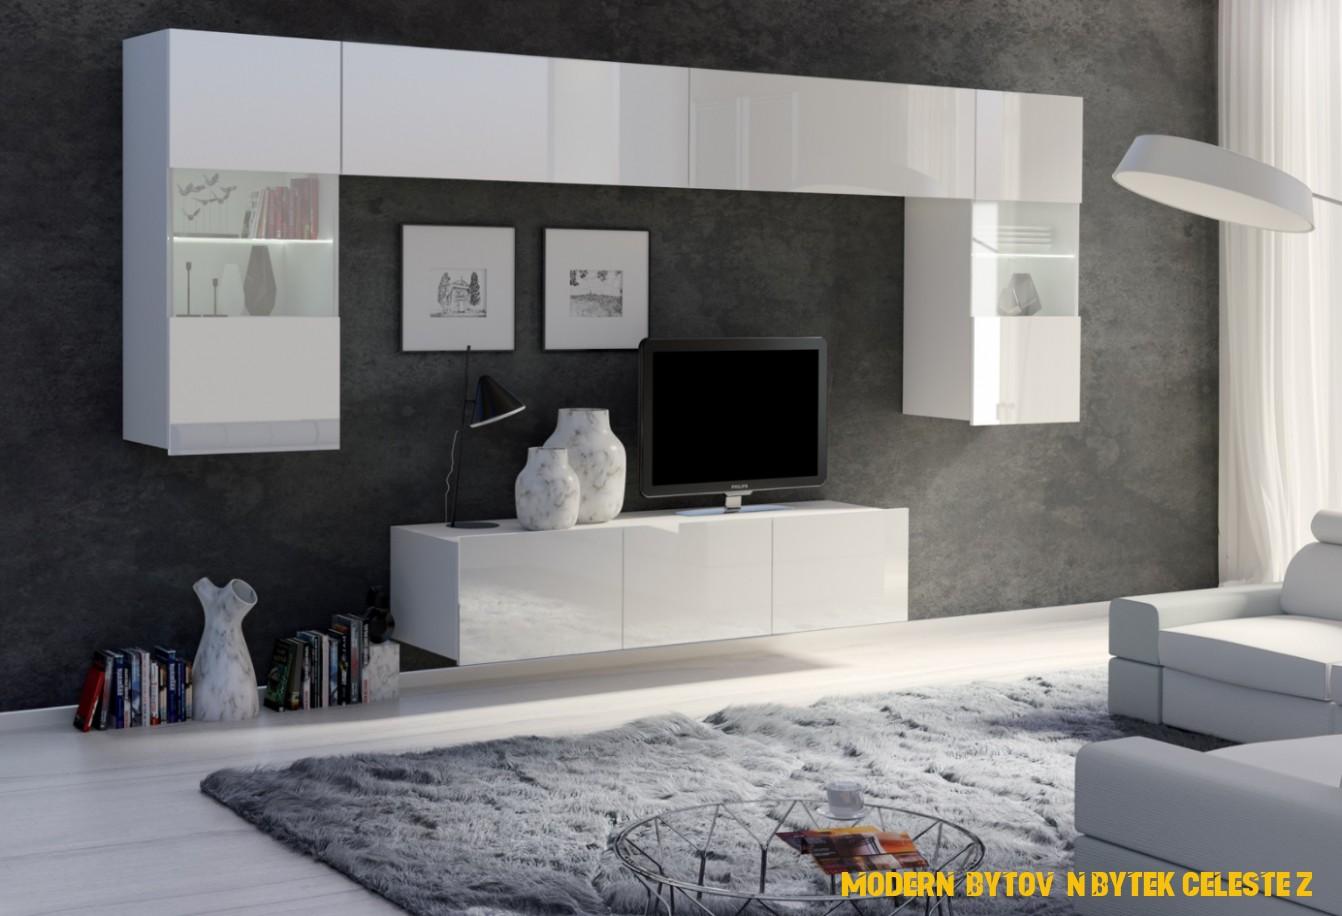 Moderní bytový nábytek Celeste D - inspirace a fotogalerie | dekoreo